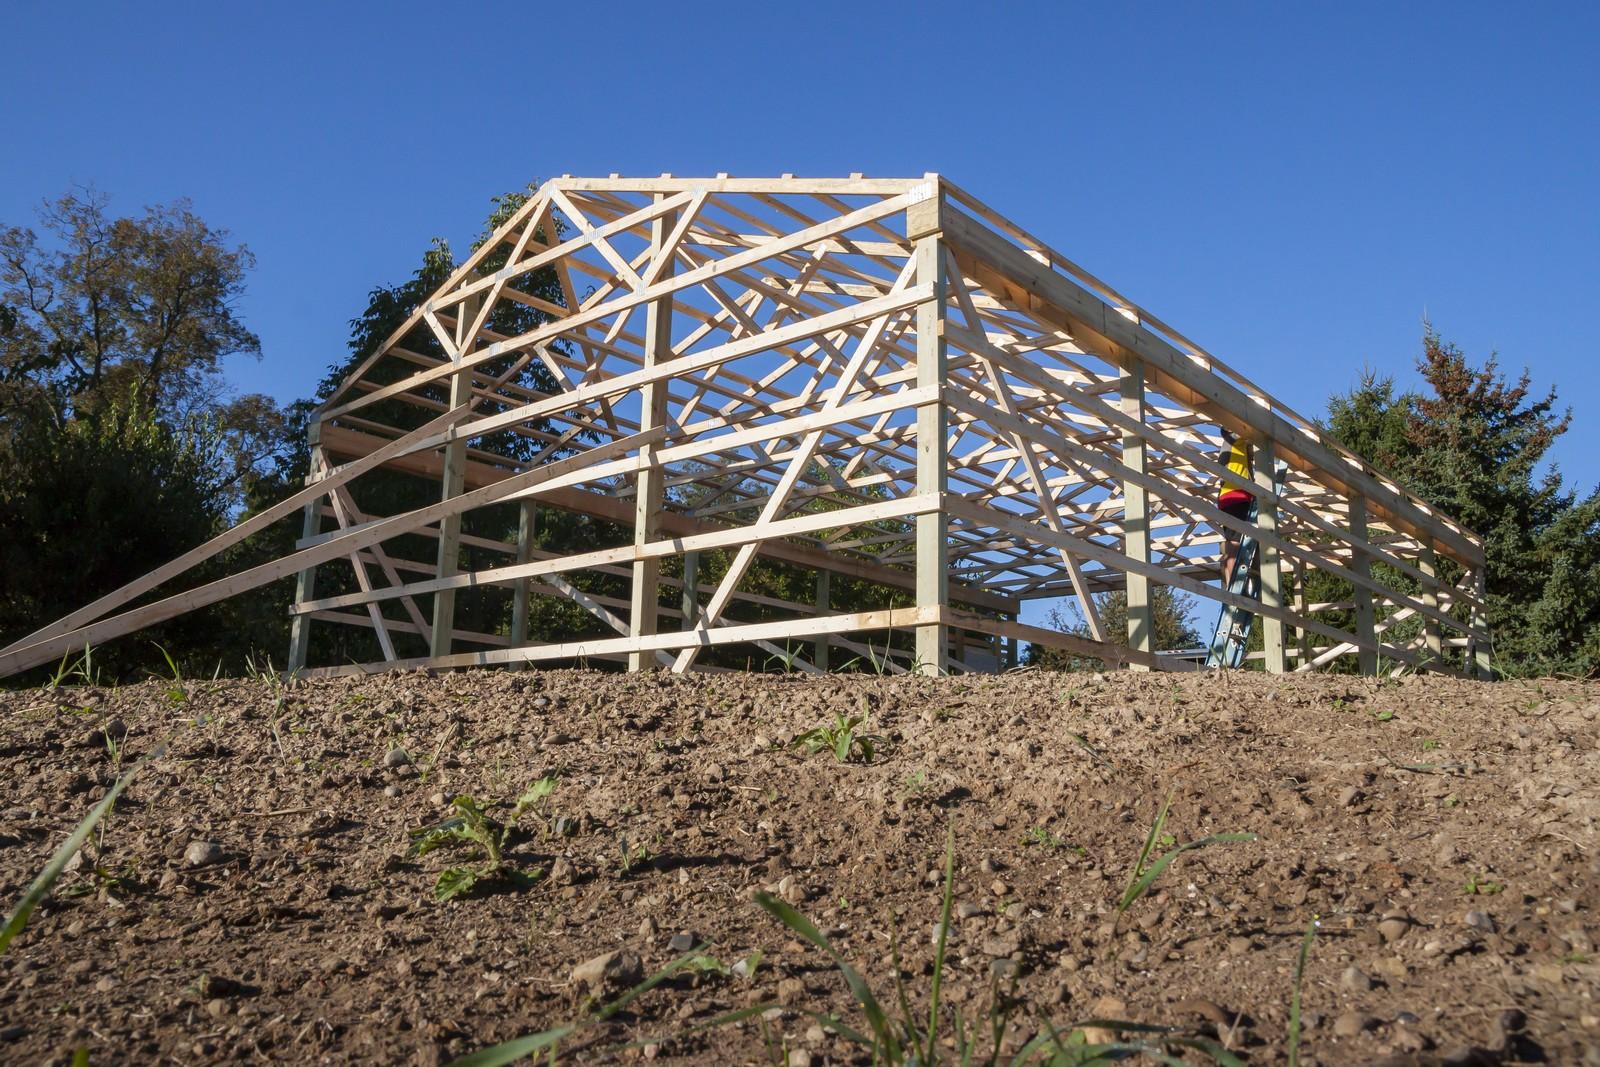 The Pole Barn Construction Process DIY Pole Barns